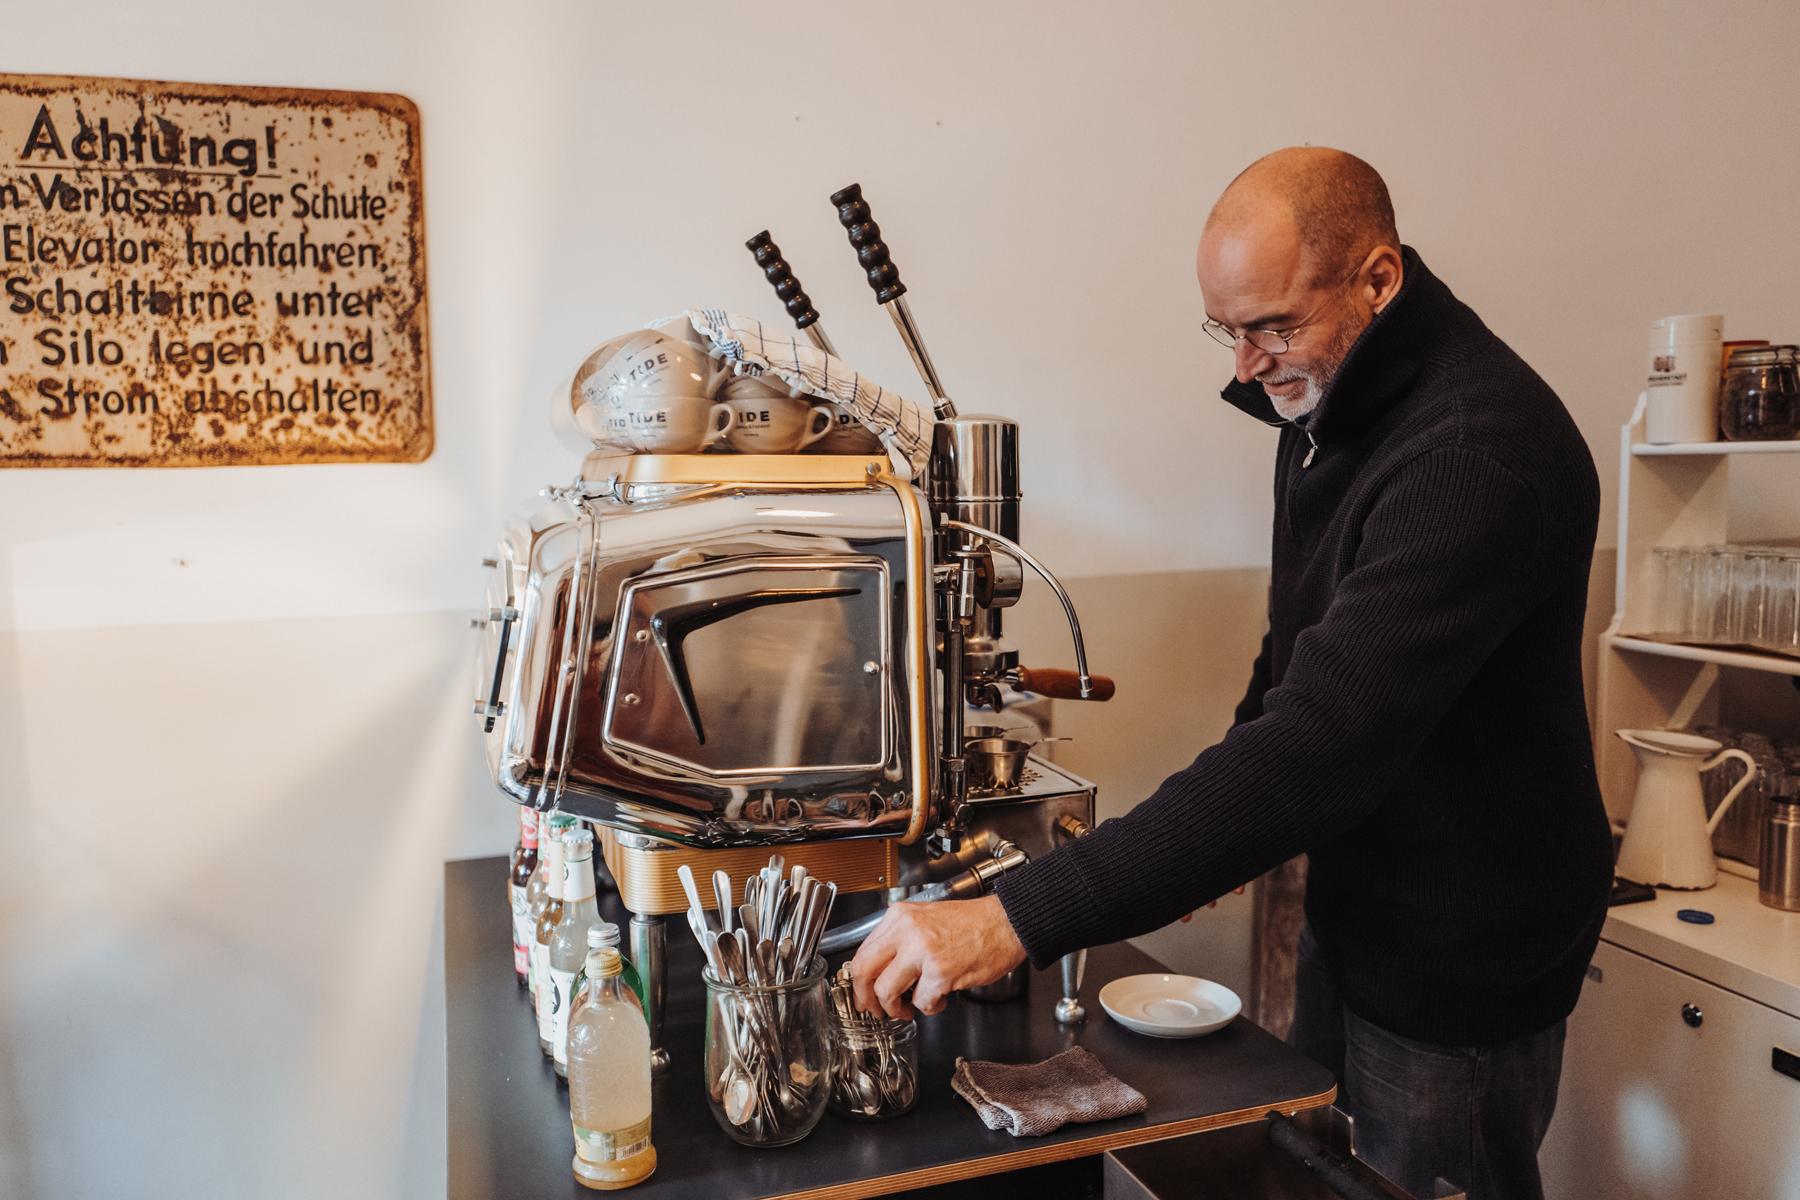 Geheimtipp Hamburg Ottensen Cafe Tide Feinkost und Treibholz Dahlina Sophie Kock 020